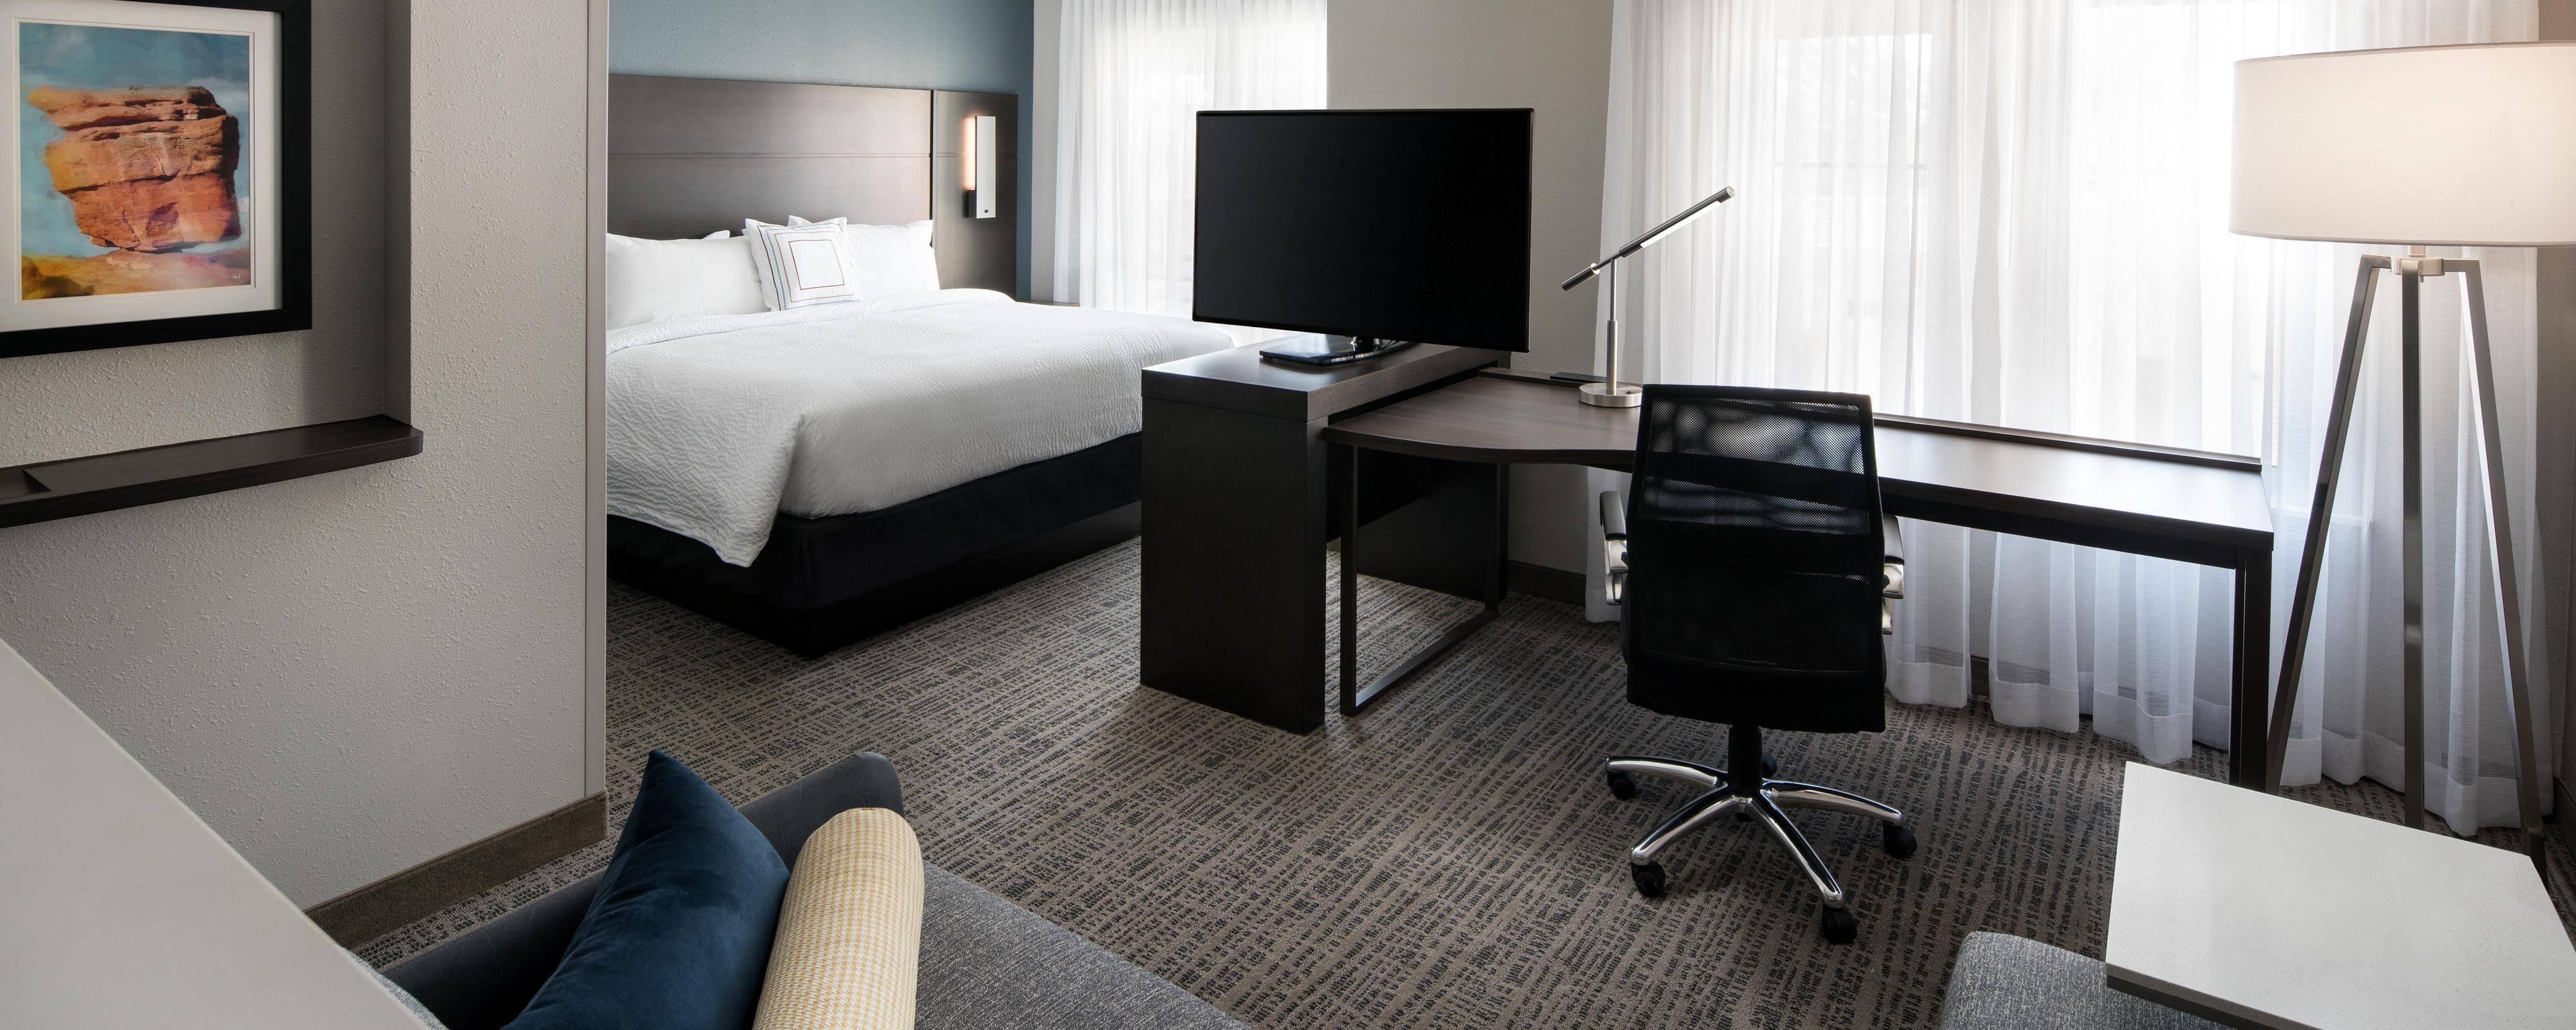 extended stay hotel in modesto residence inn modesto north rh marriott com